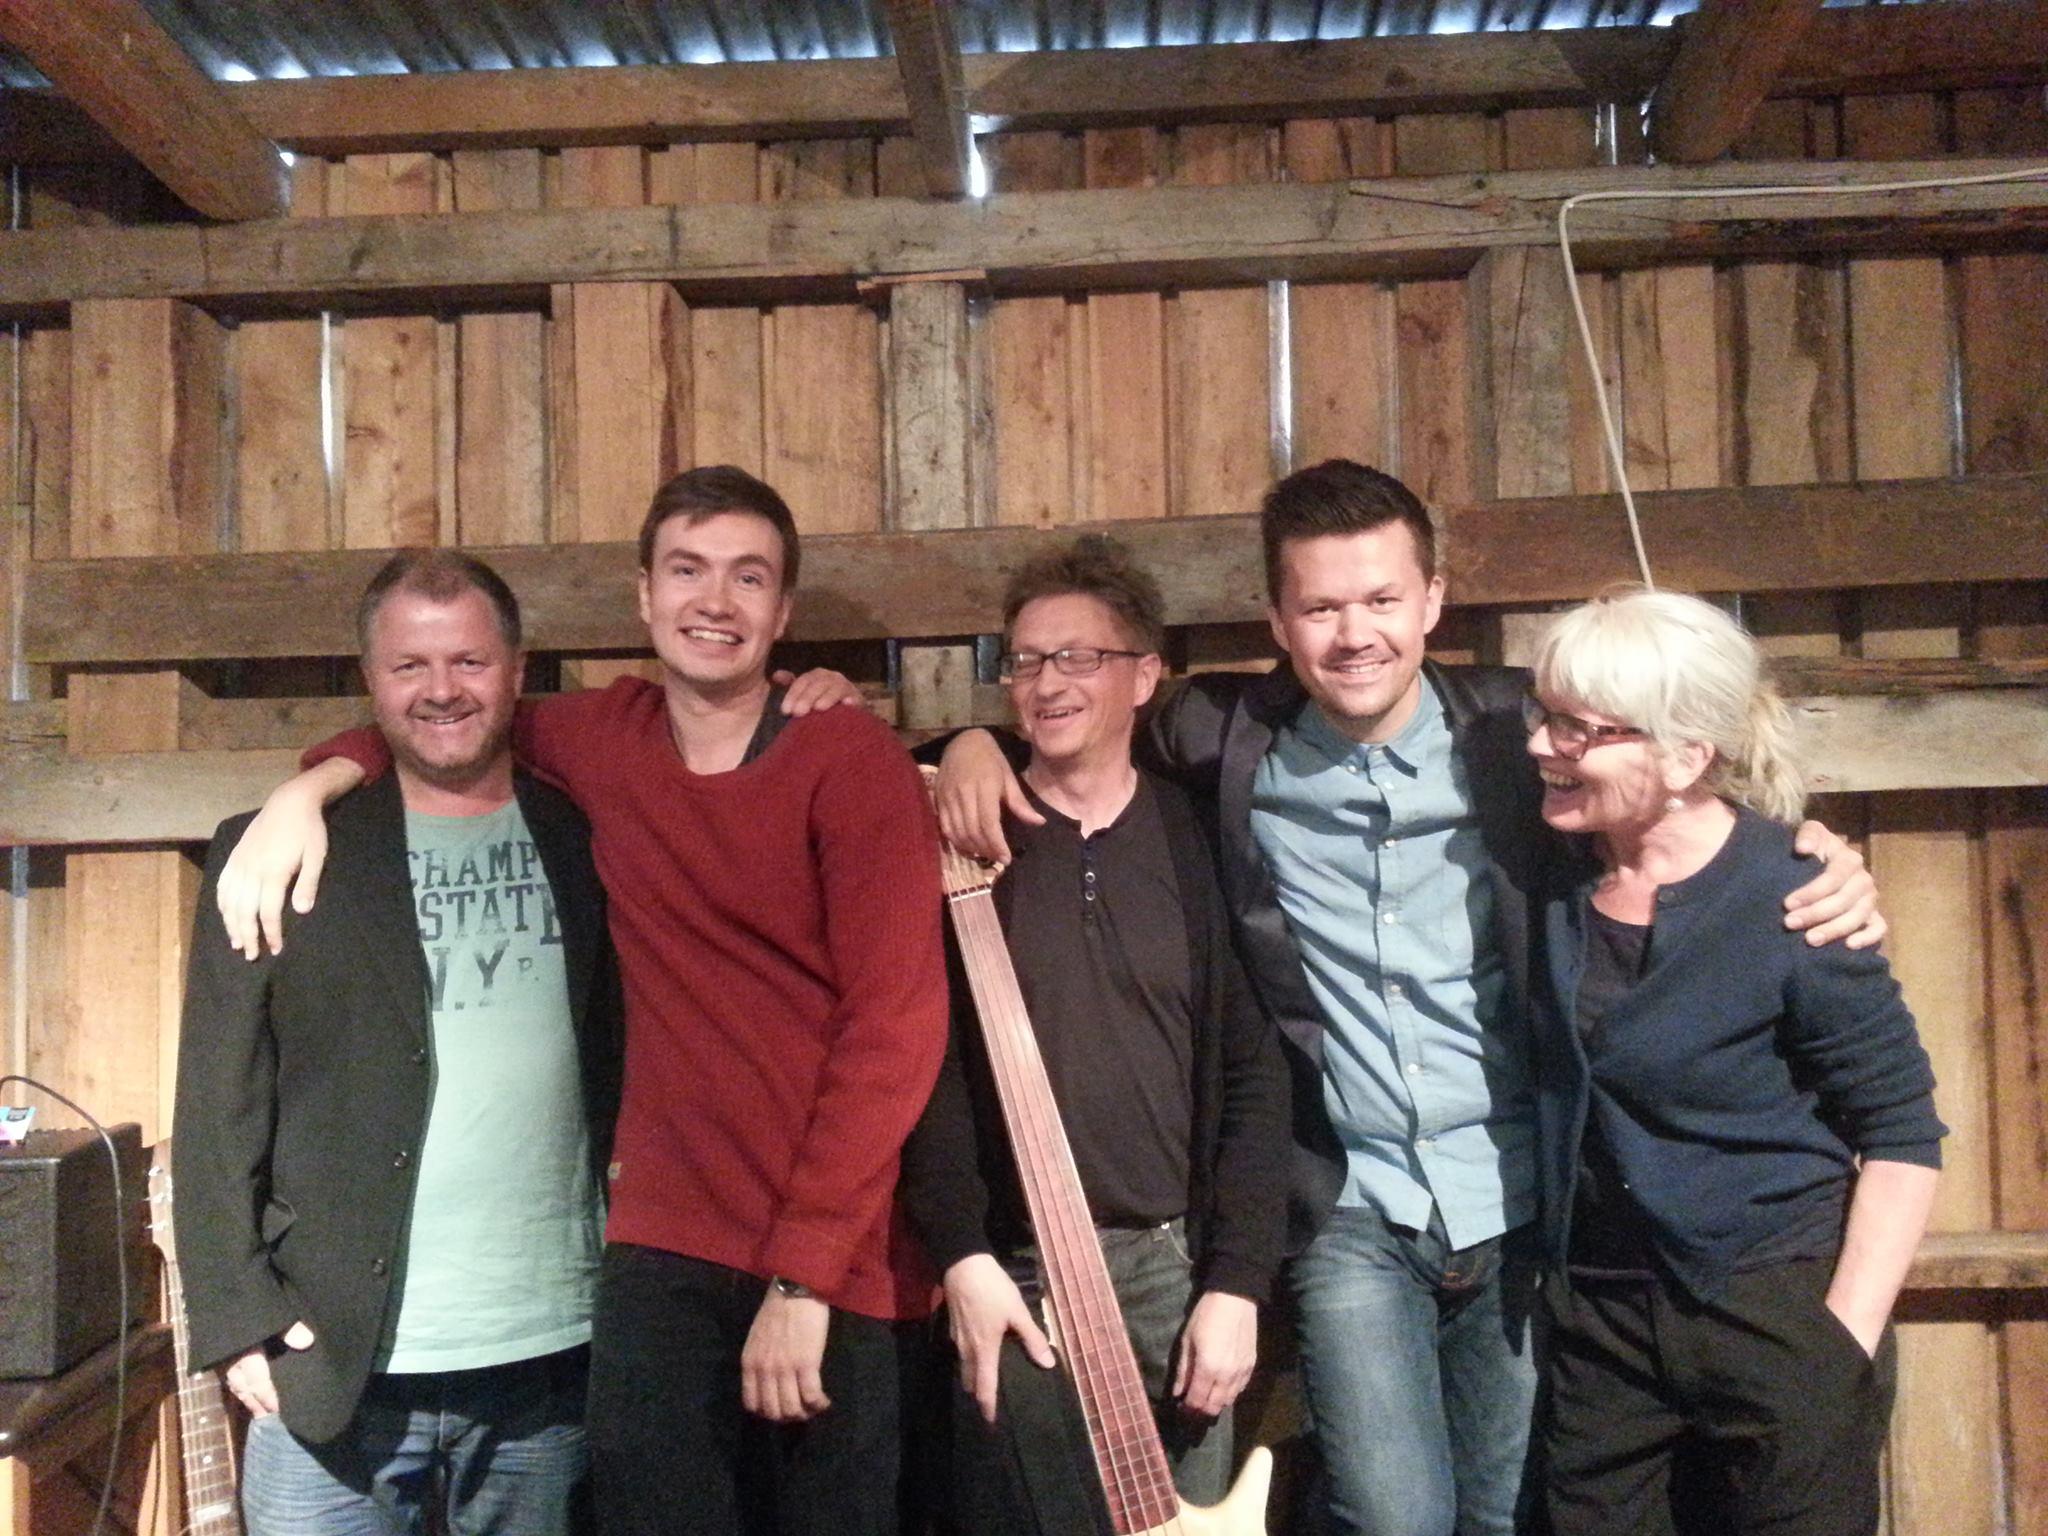 Marit Sandvik Concept på Ersfjorddagen 2013, med Trond Sverre Hansen, Adrian Danielsen, Stein Olav Pedersen,Stein Medby, MS.